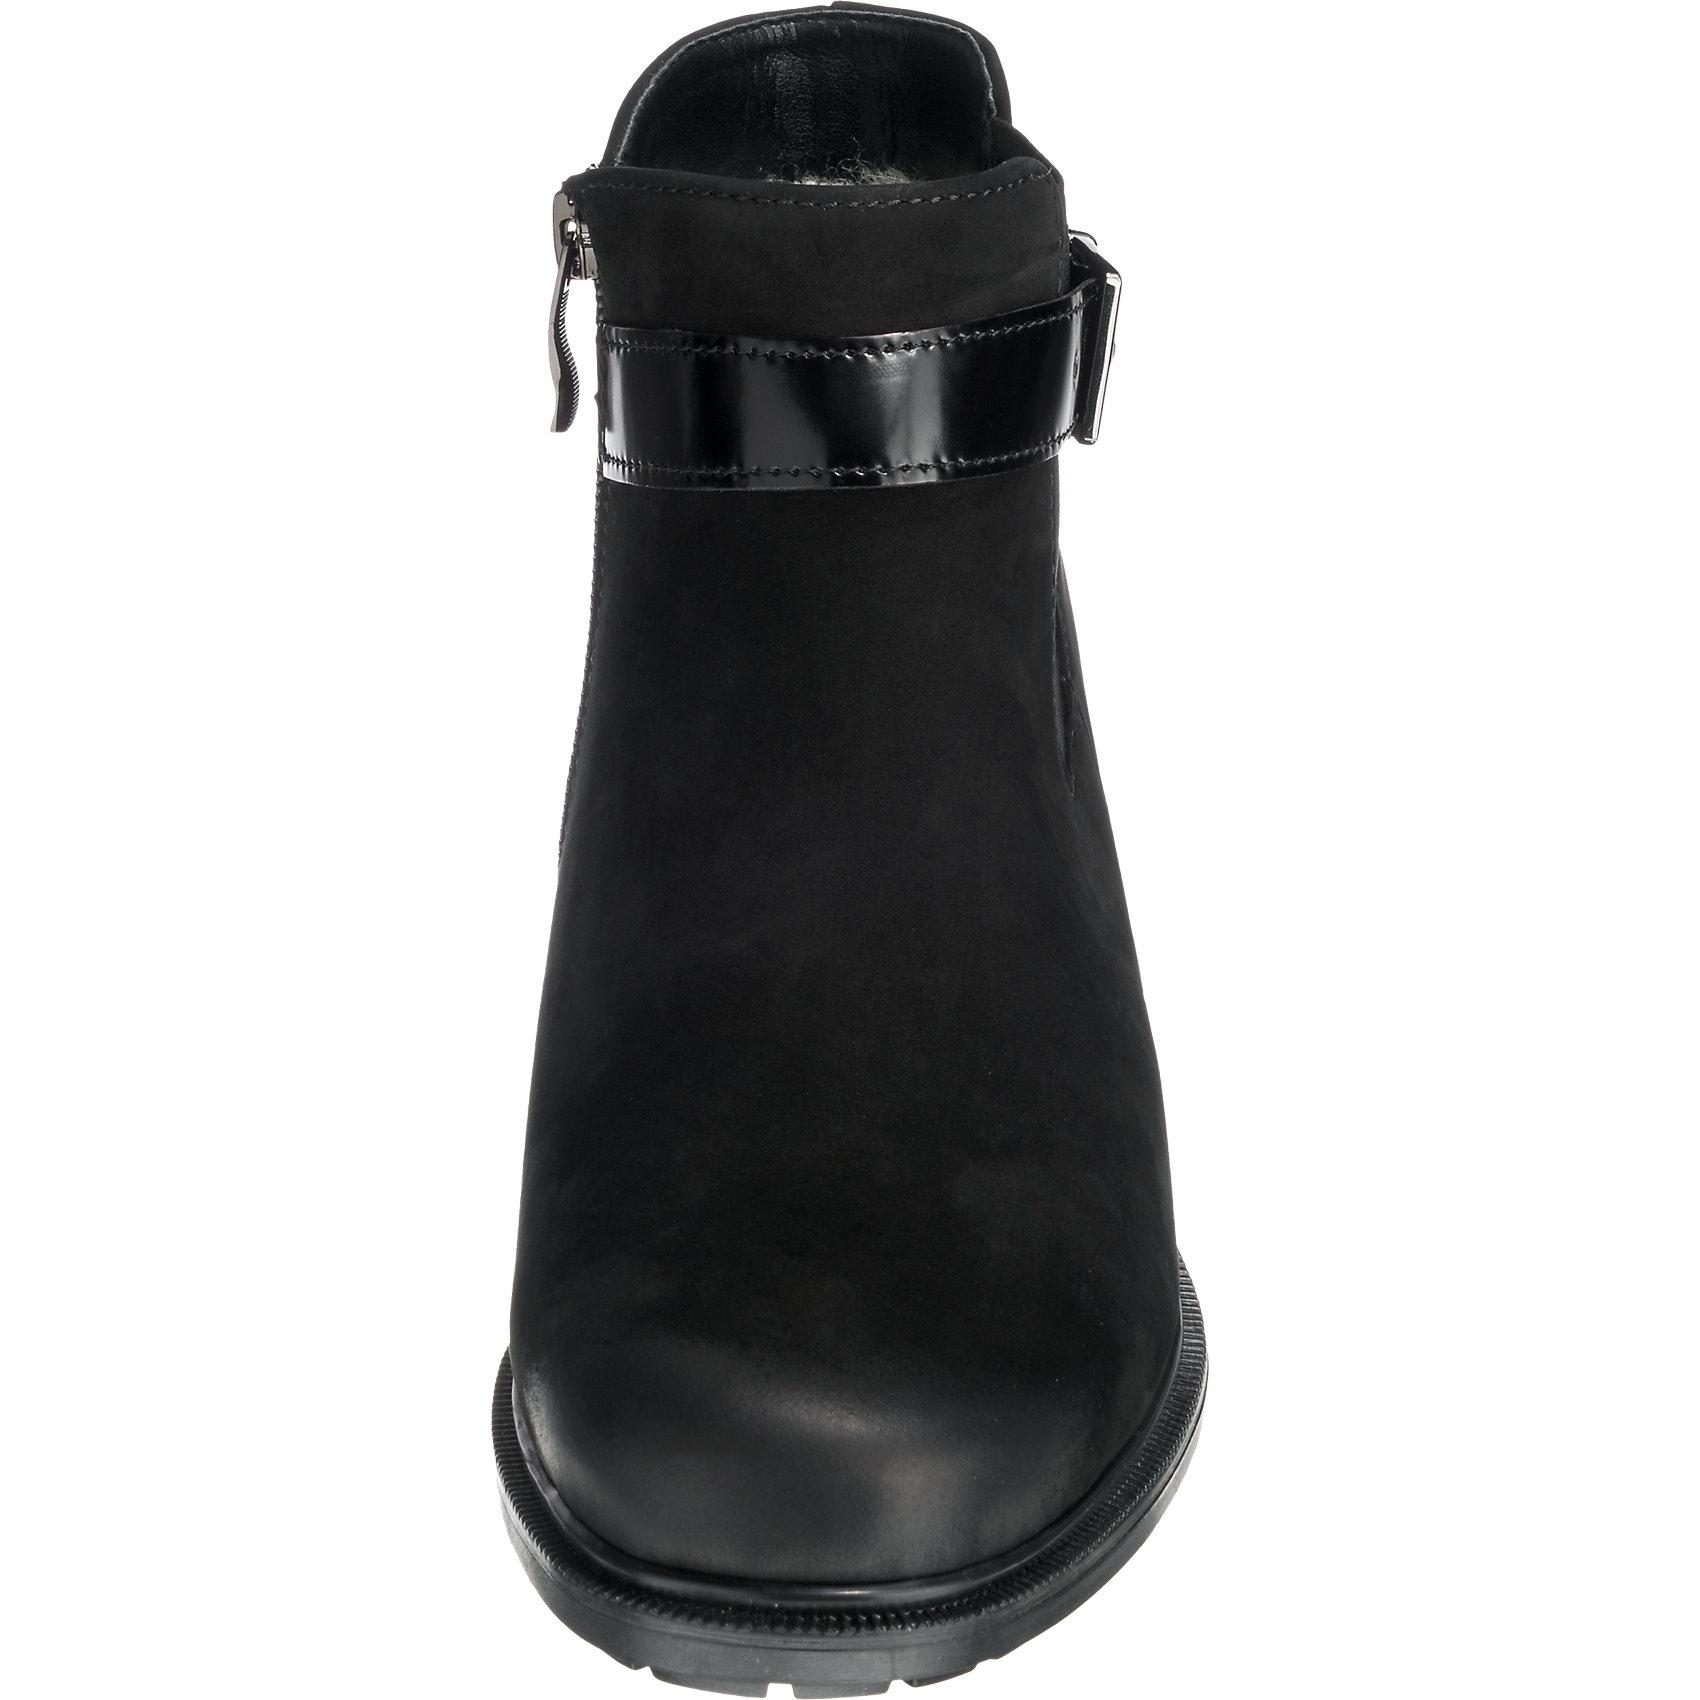 Neu-ara-Kansas-Stiefeletten-braun-schwarz-5761450